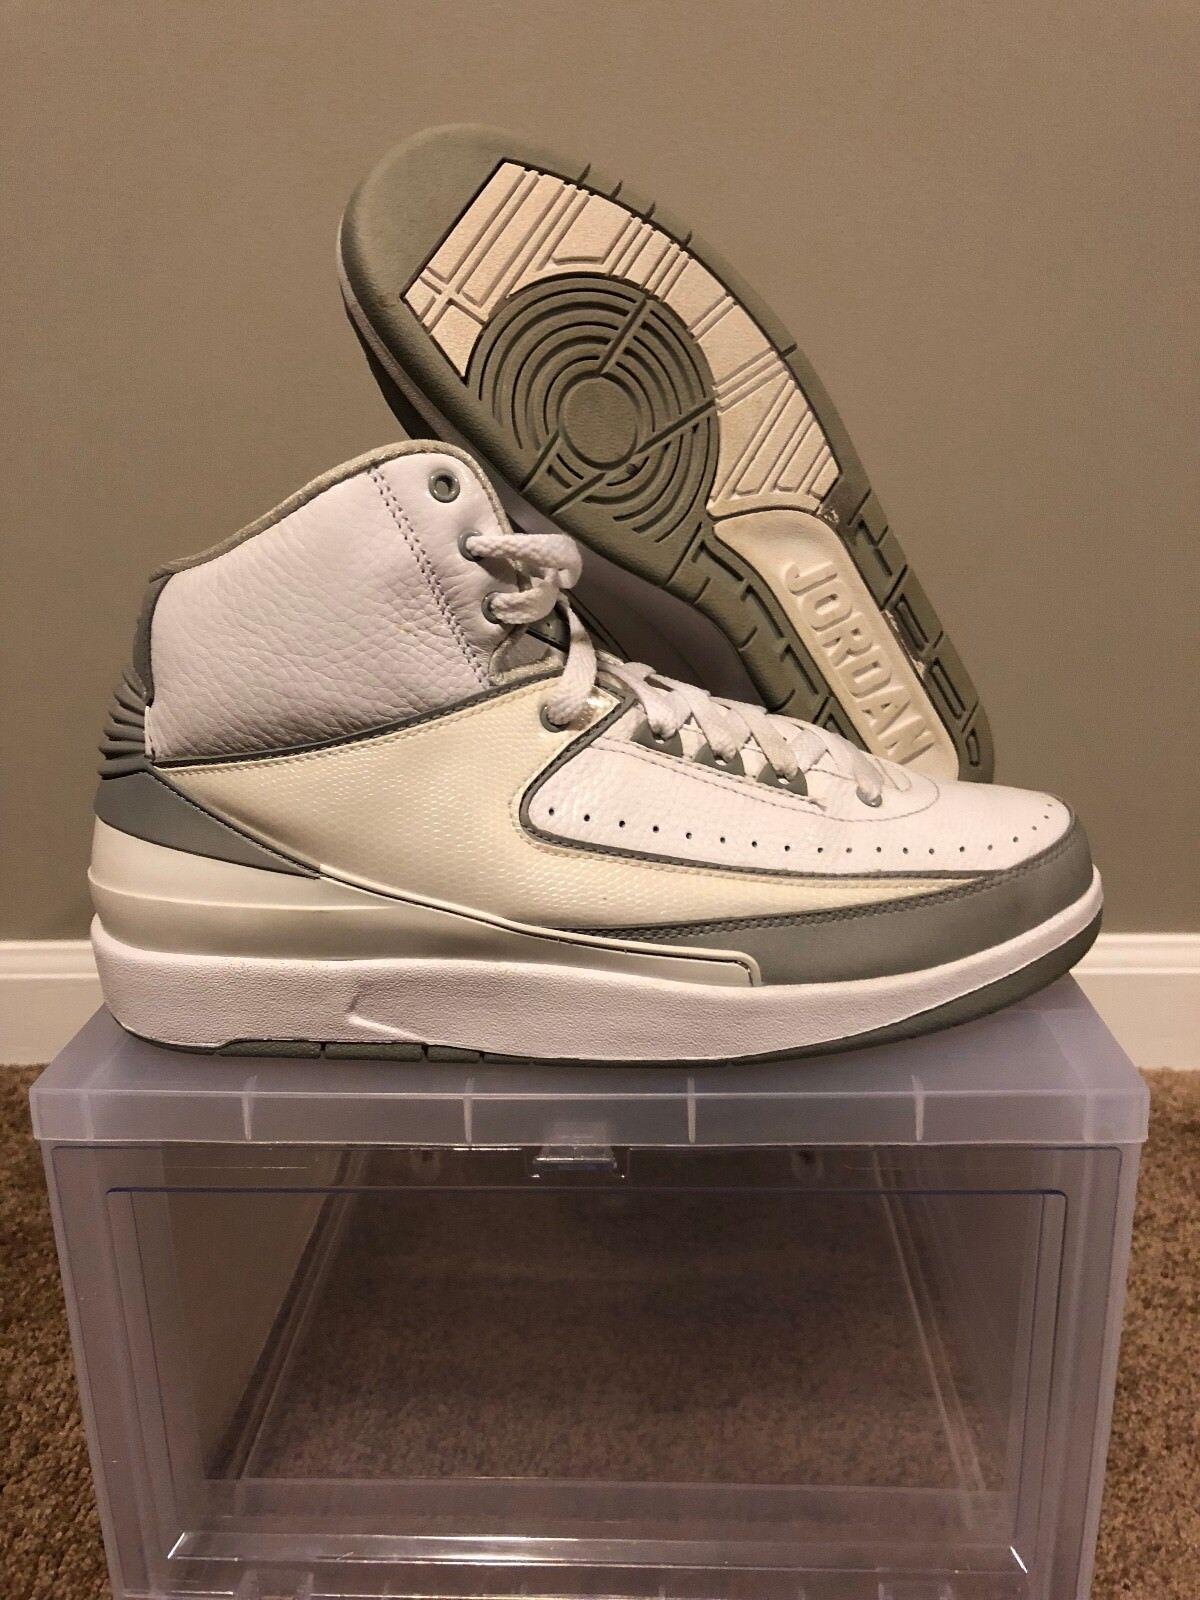 Air Jordan 2 Silver Anniversary 385475-101 Comfortable